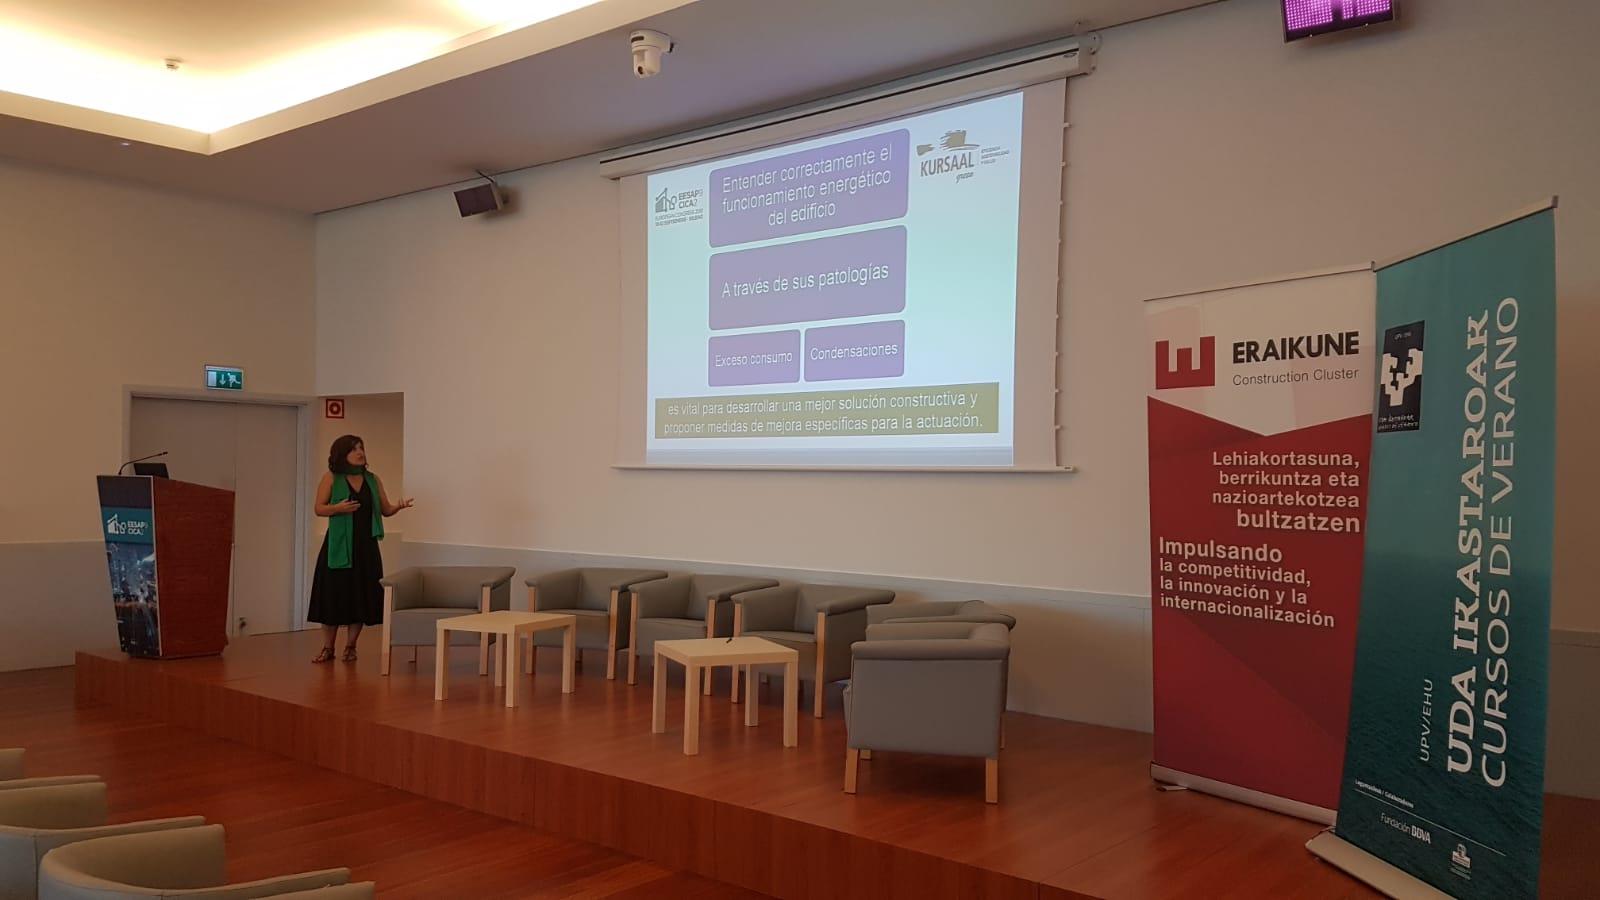 foto noticia: Nuevamente, Kursaal Green participamos en el Congreso Europeo sobre Eficiencia Energética y Sostenibilidad en Arquitectura y Urbanismo (EESAP)